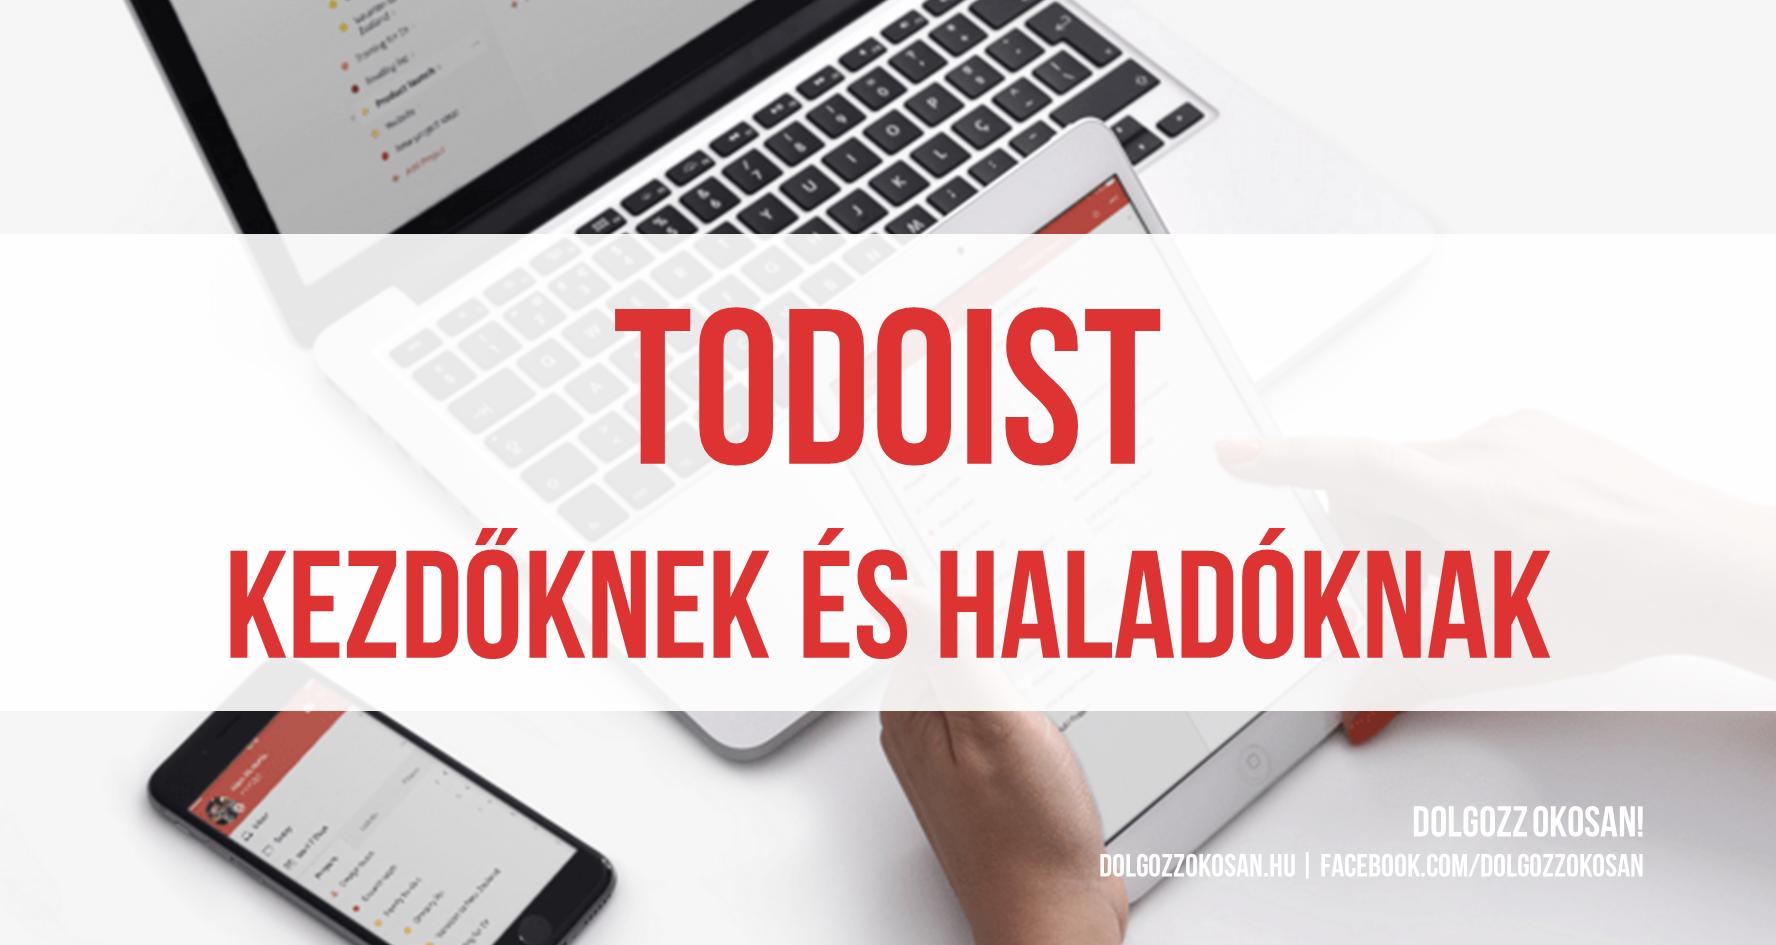 Todoist: Kezdőknek és haladóknak